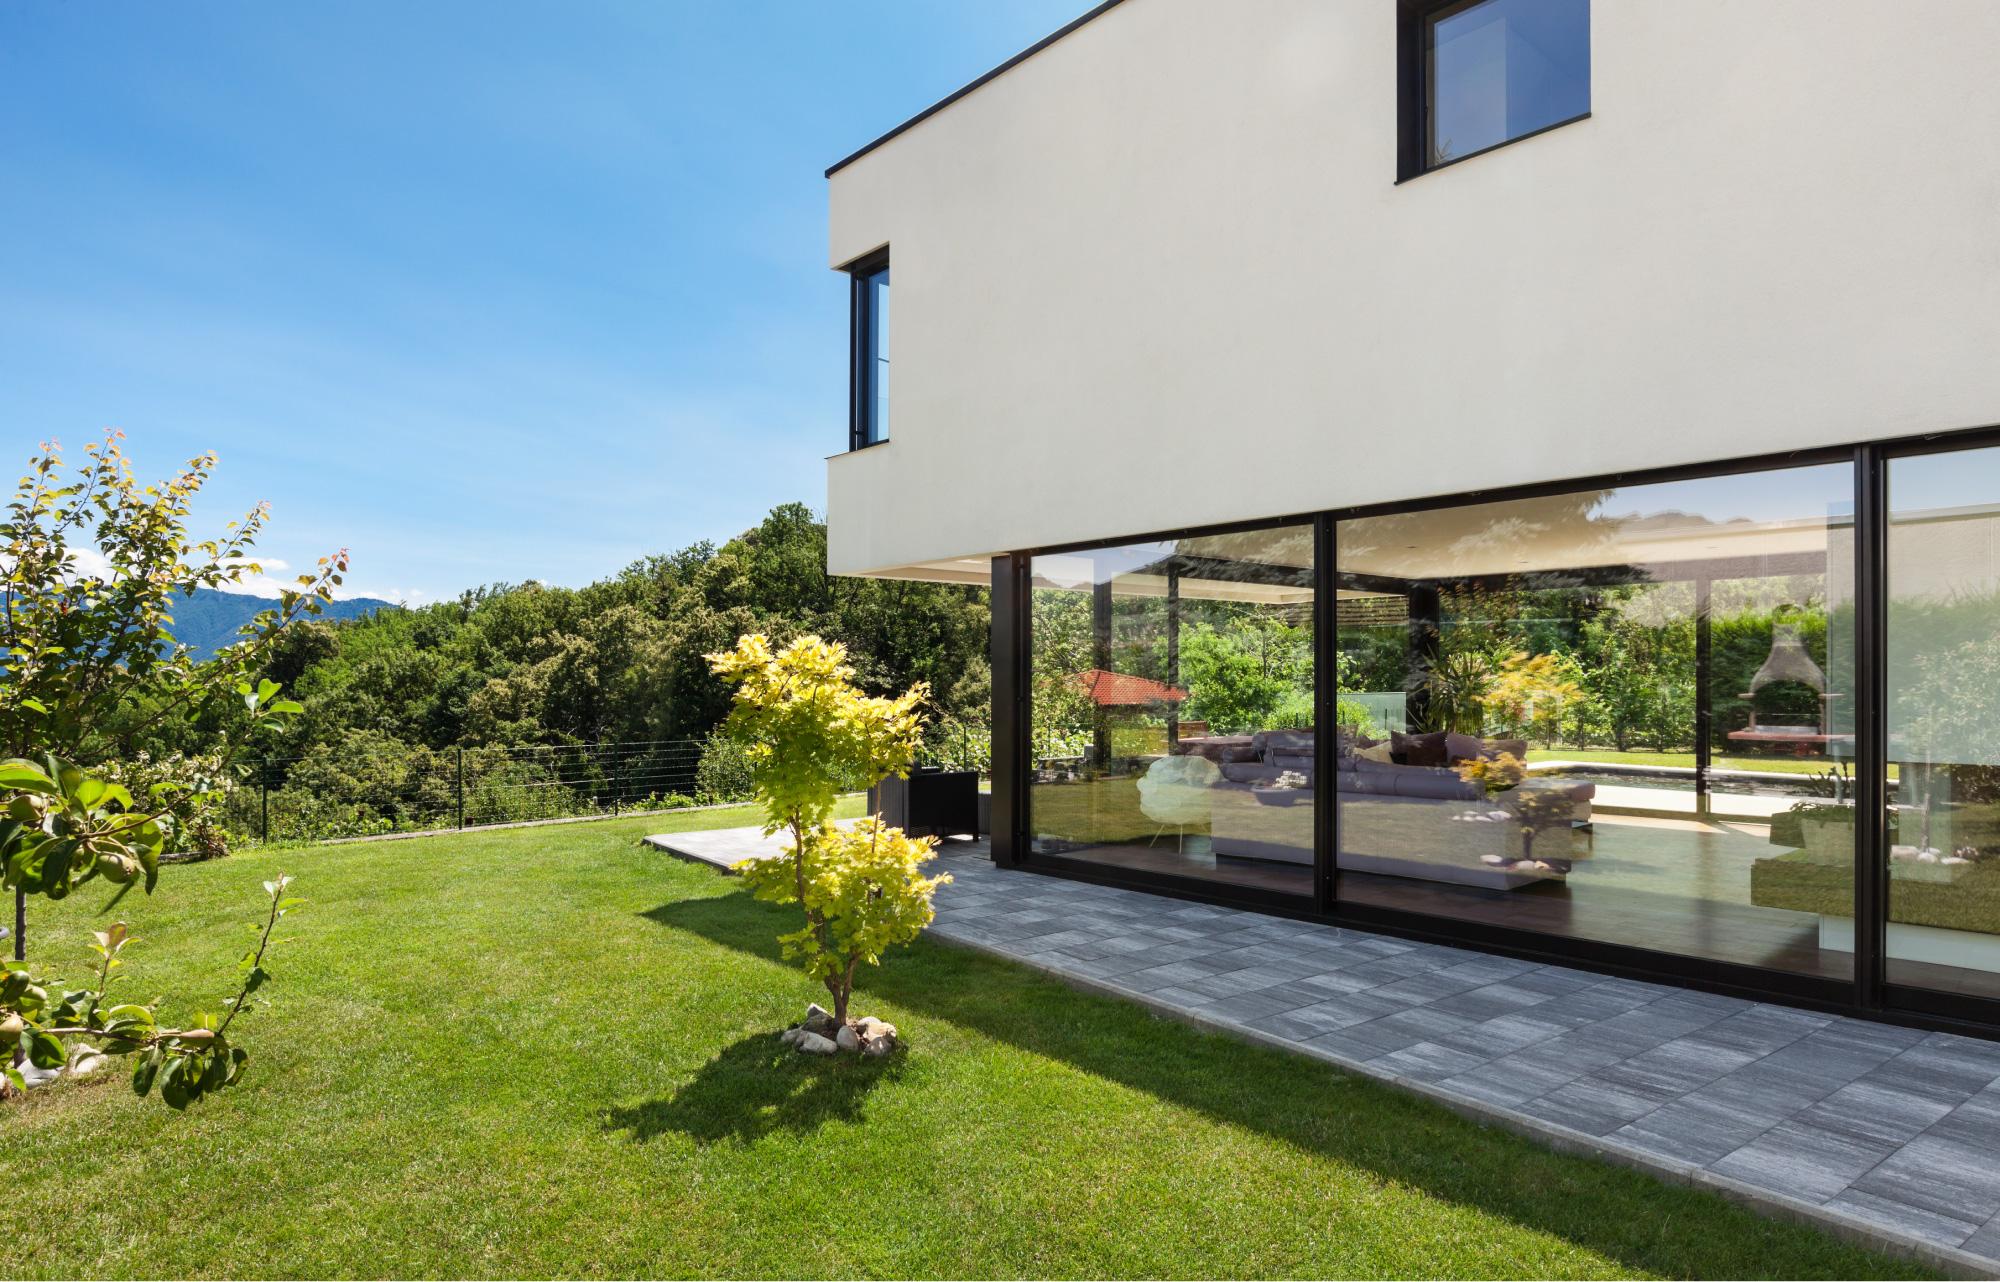 Einfamilienhaus Terrassenhaus bauantrag online